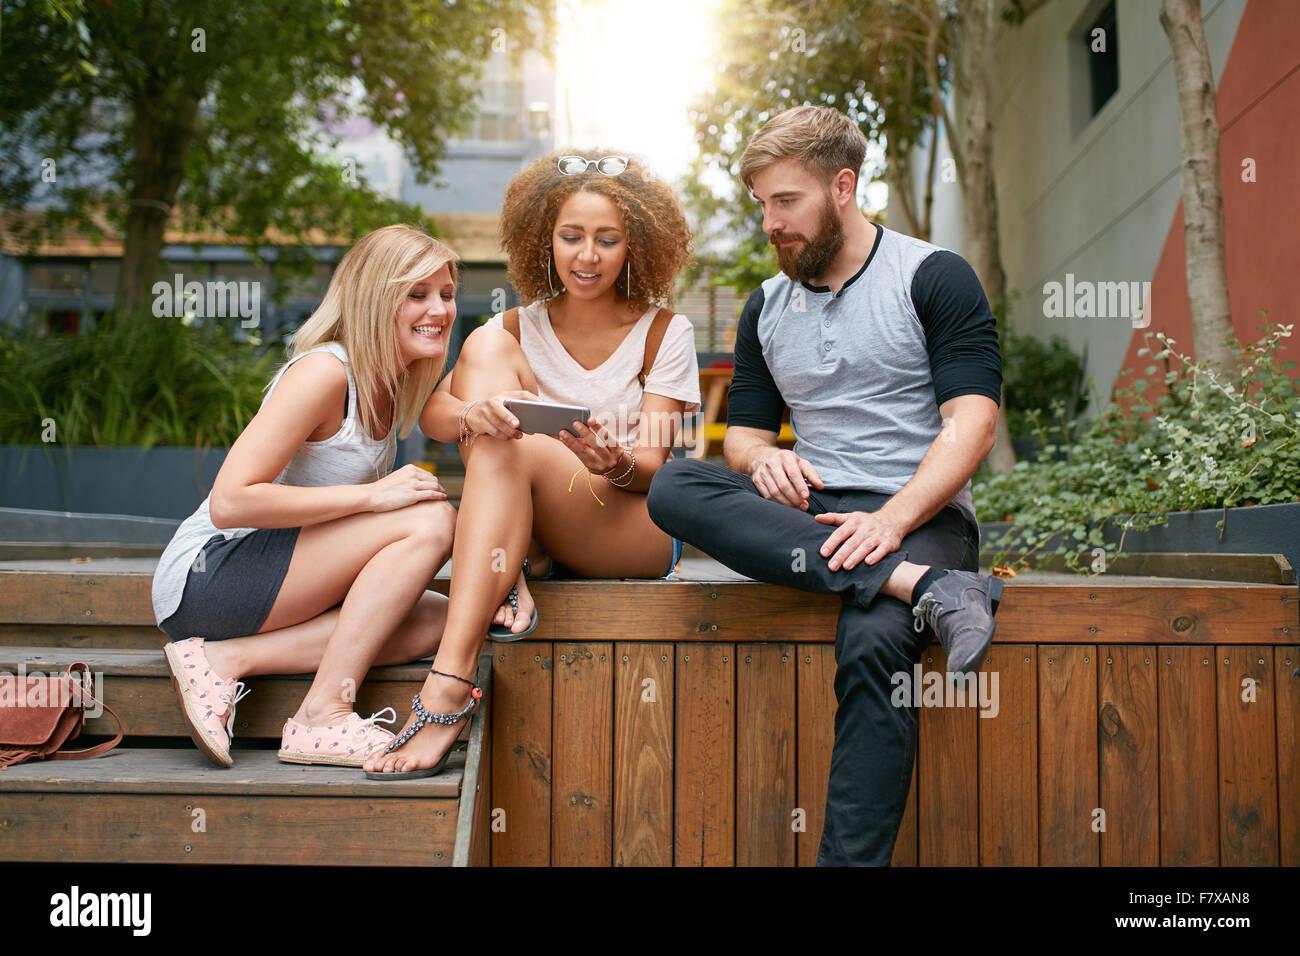 Im Freien Schuss Gruppe von jungen Erwachsenen Handy betrachten. Junge Freunde mit Handy. Stockbild